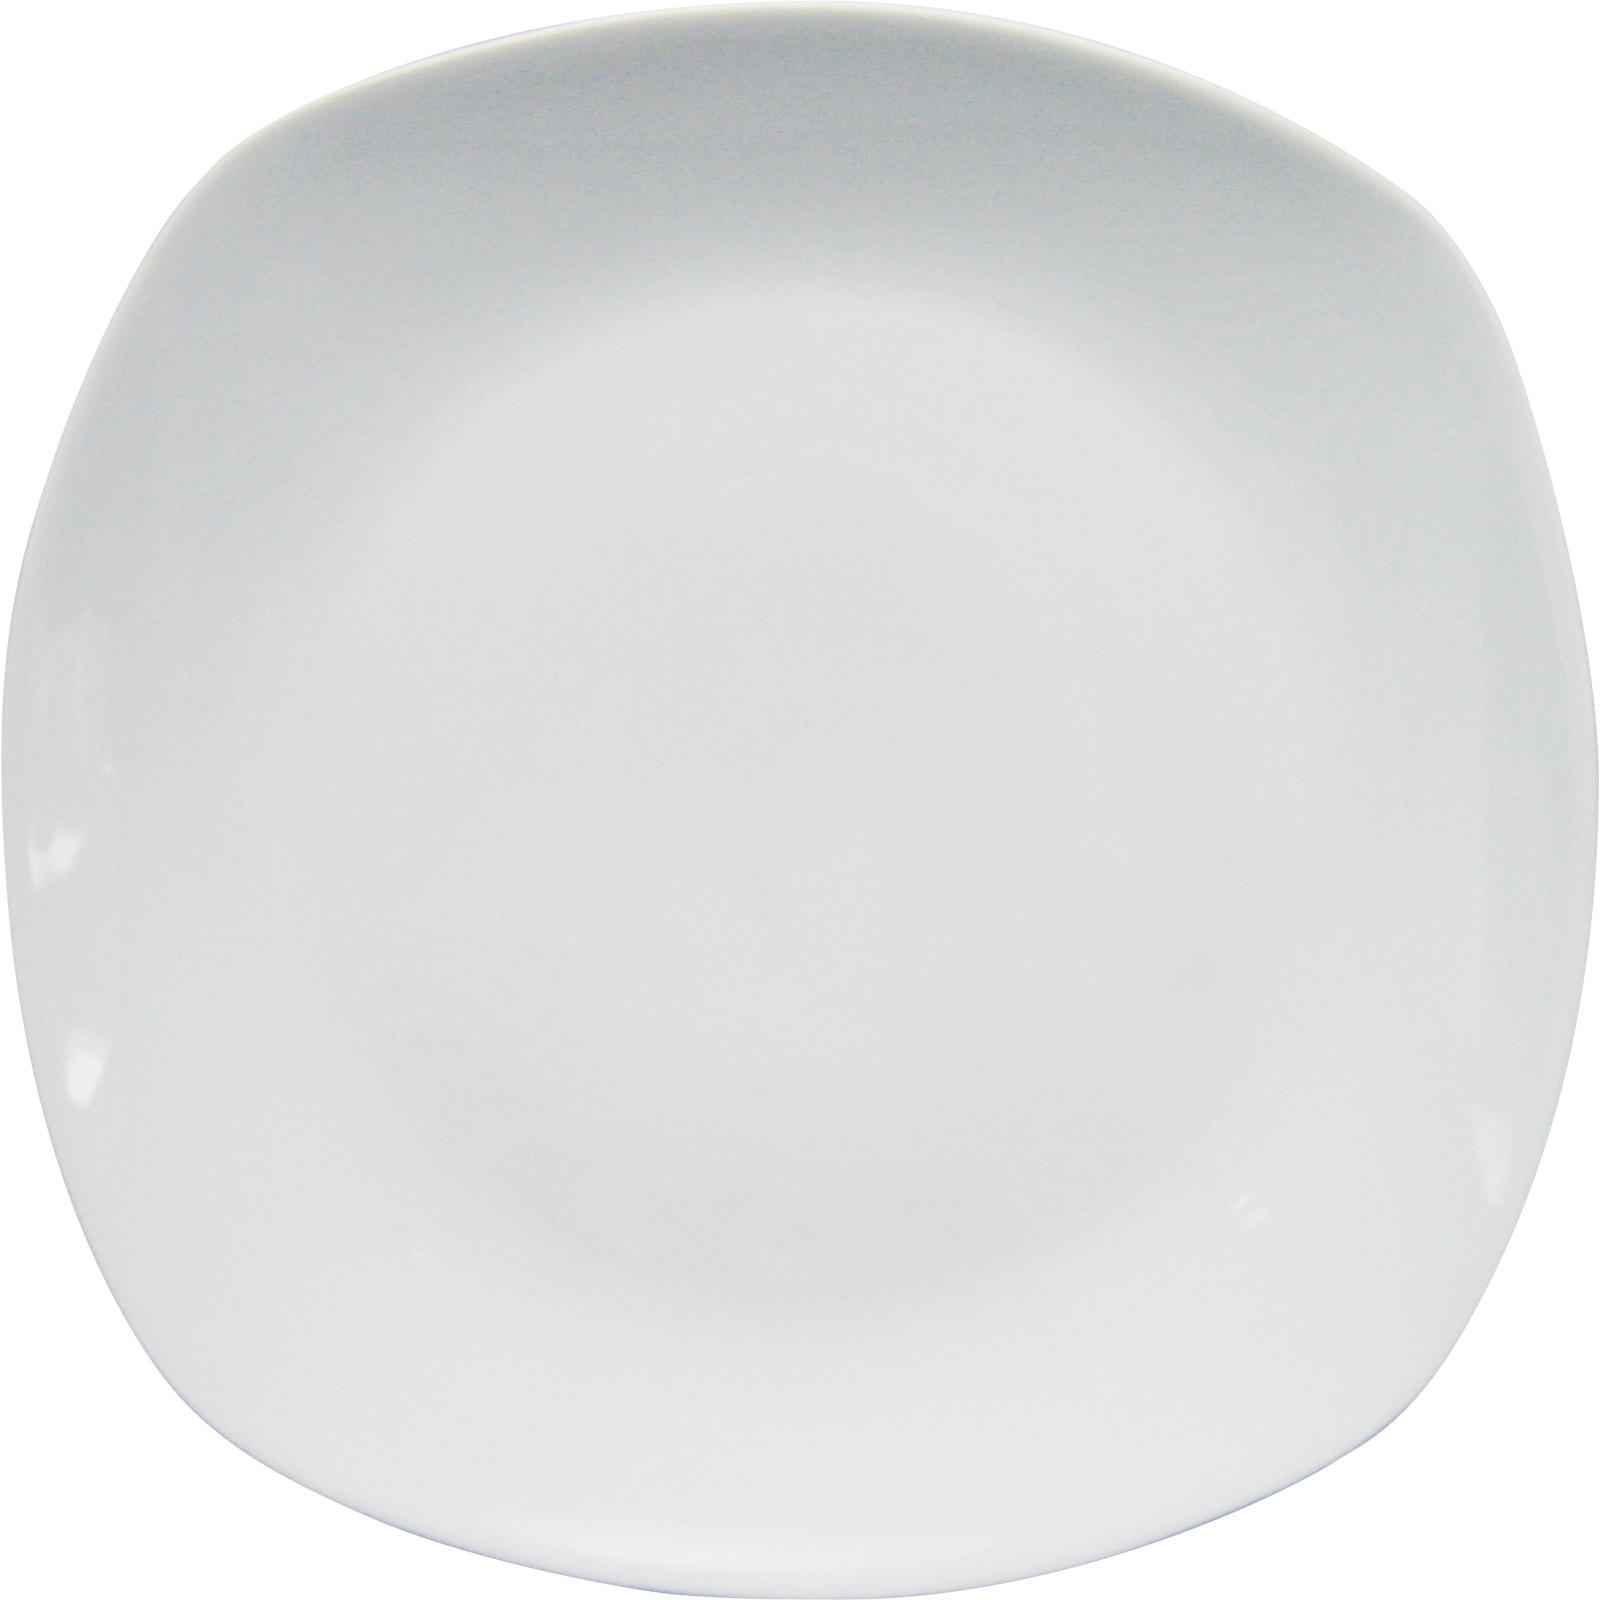 TELLER 26,5 cm Porzellan Speiseteller Essteller Flach Weiß